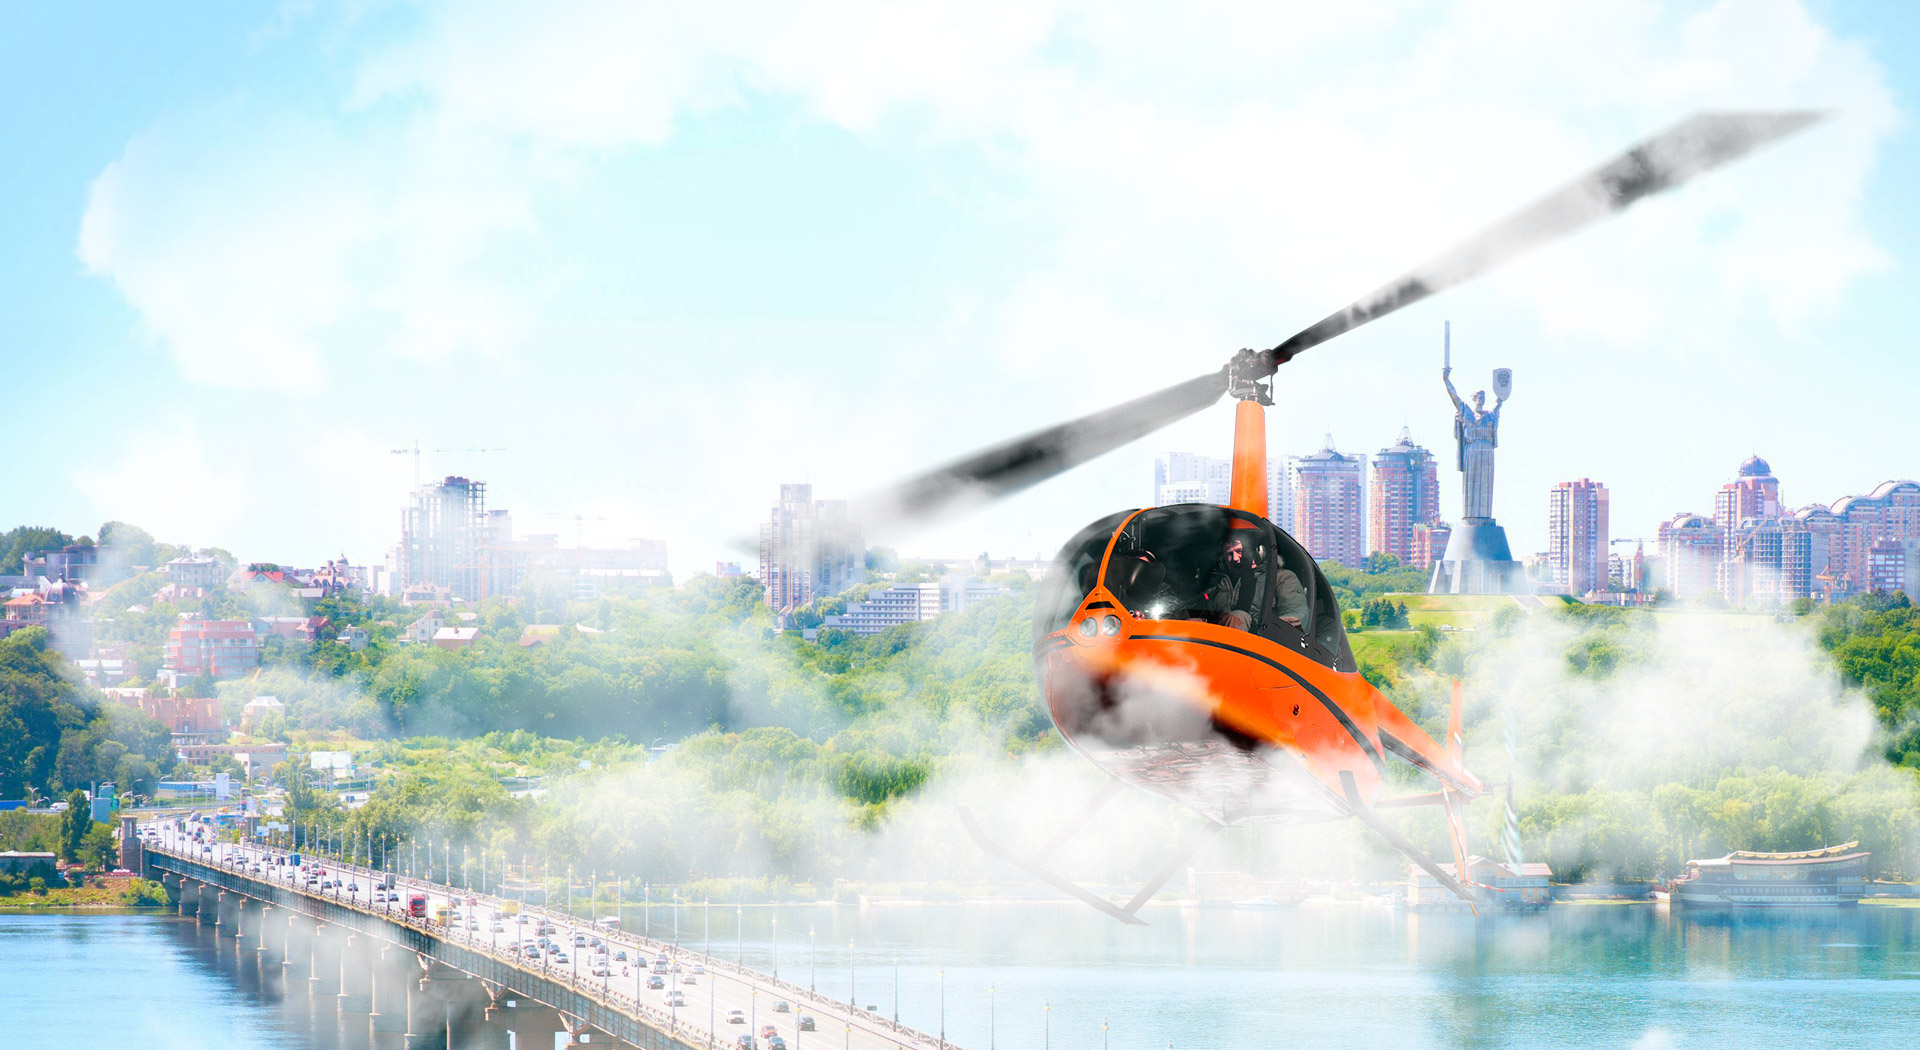 купить сертифиат на полет вертолетом